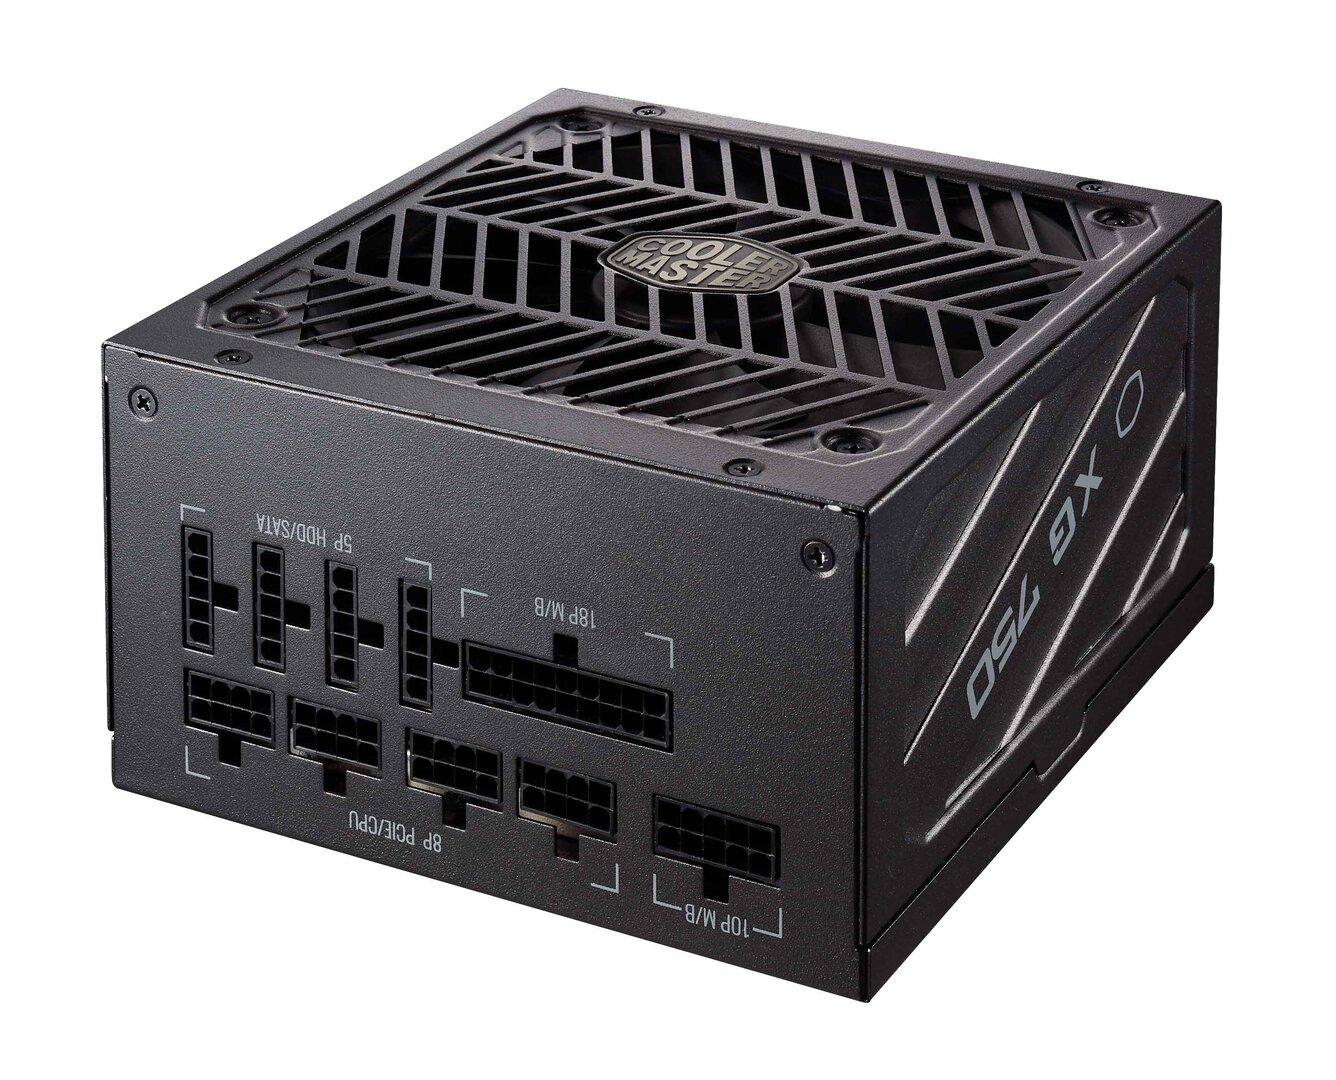 Cooler Master XG Essential 750